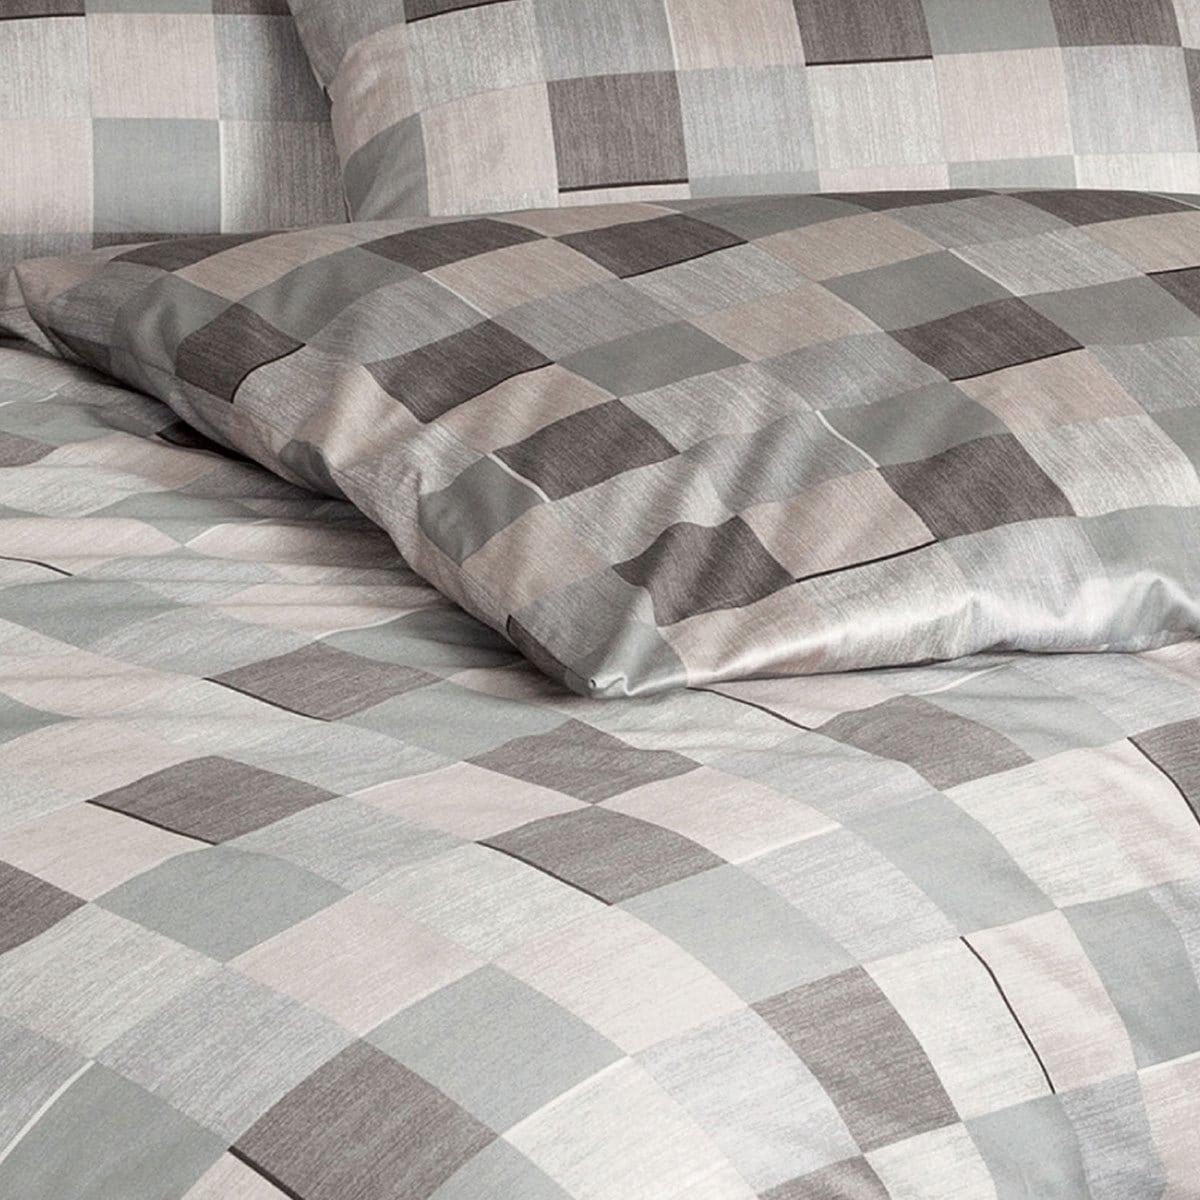 janine interlock feinjersey bettw sche carmen 53030 07 taupe g nstig online kaufen bei bettwaren. Black Bedroom Furniture Sets. Home Design Ideas